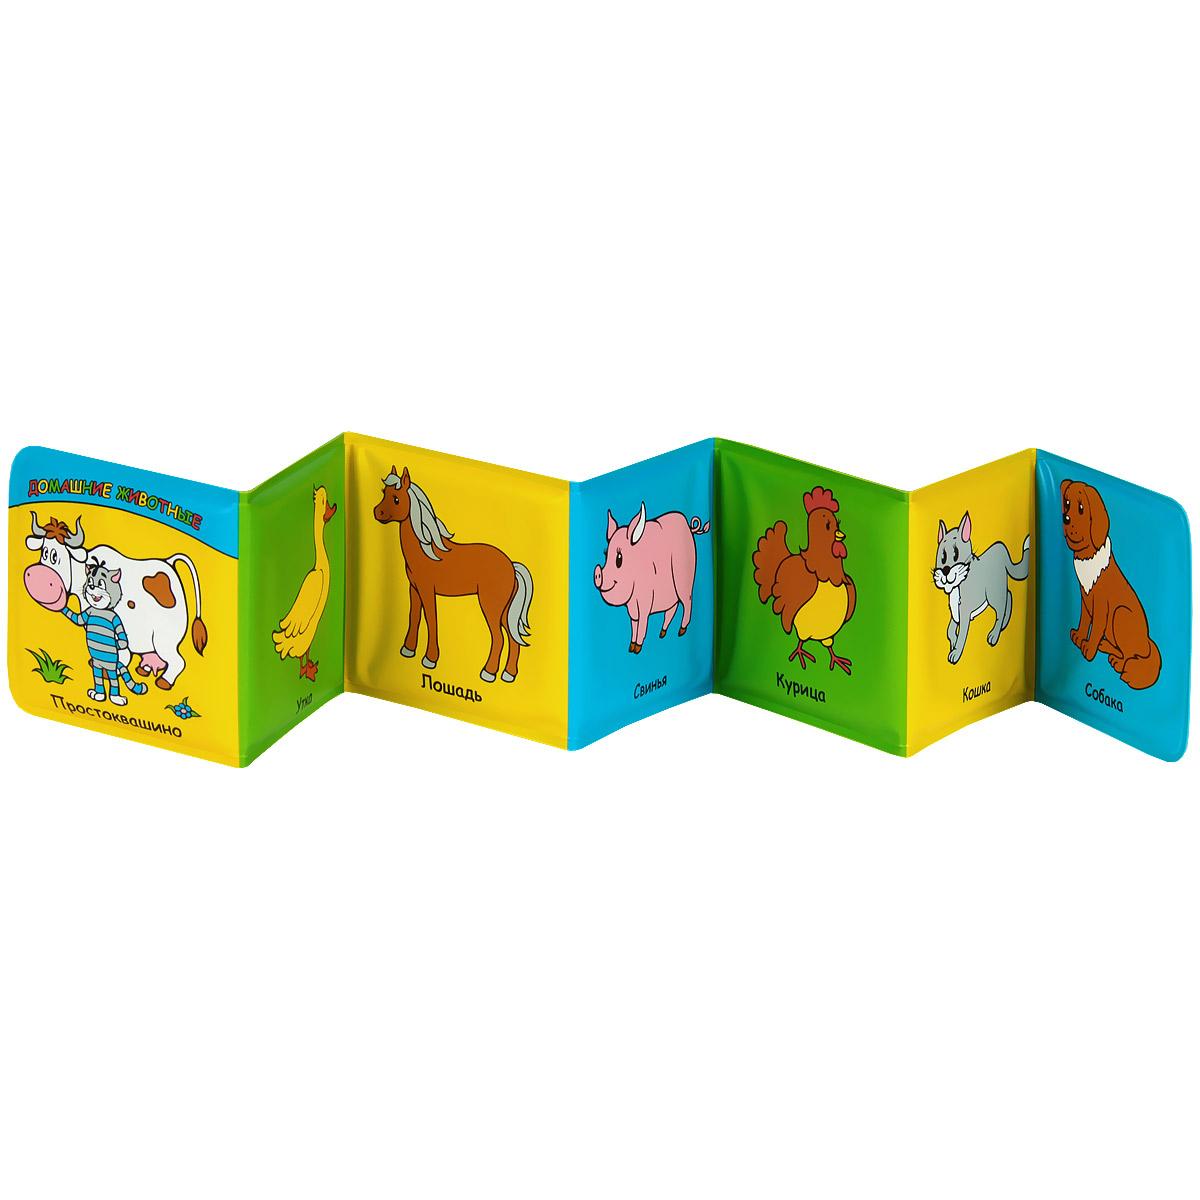 Умка Книжка-игрушка Домашние животные Простоквашино978-5-91941-197-0Книжка-раскладушка для ванны Домашние животные. Простоквашино предназначена для самых маленьких читателей и превратит купание малыша в веселую развивающую игру. Яркие, красочные картинки и подписи познакомят ребенка с разными домашними животными и птицами. Внутри первой странички спрятана забавная пищалка - малышу очень понравится нажимать на нее. Книжка-пищалка для ванны выполнена из безопасного непромокаемого материала и легко моется, если испачкается. Она так же познакомит ребенка с новыми тактильными ощущениями.